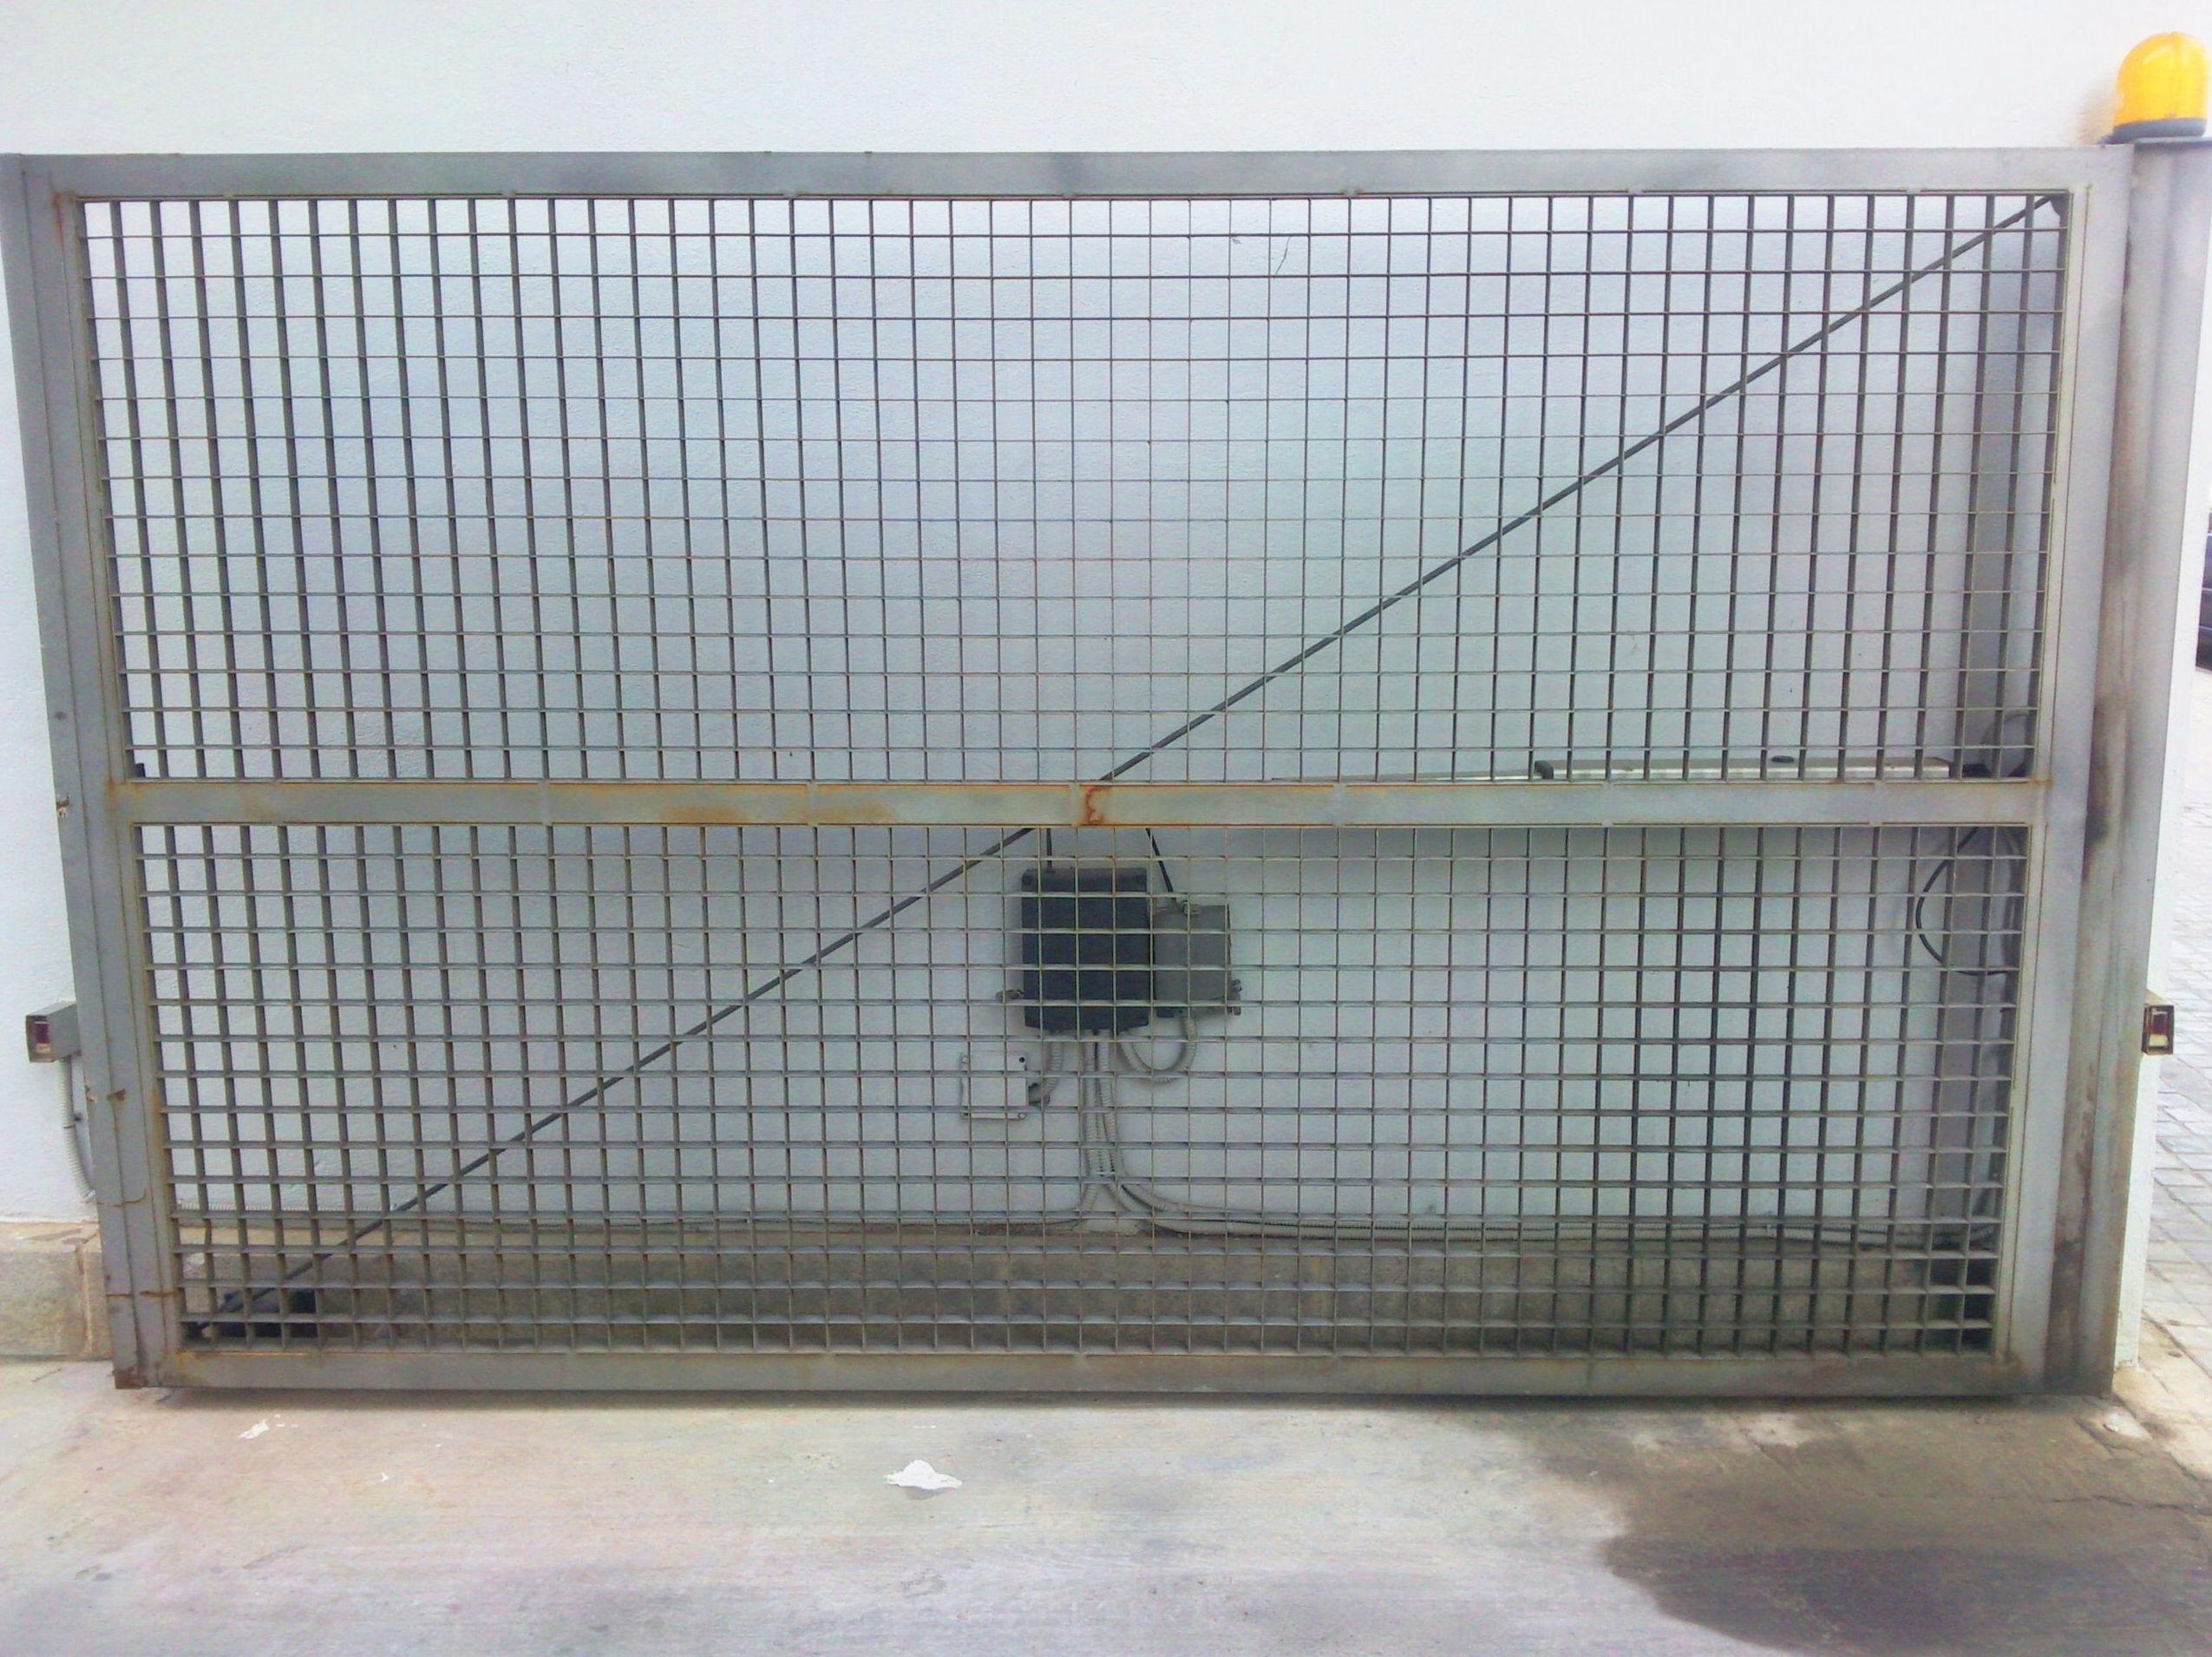 Puerta metálica batiente automática de rejilla ventilada